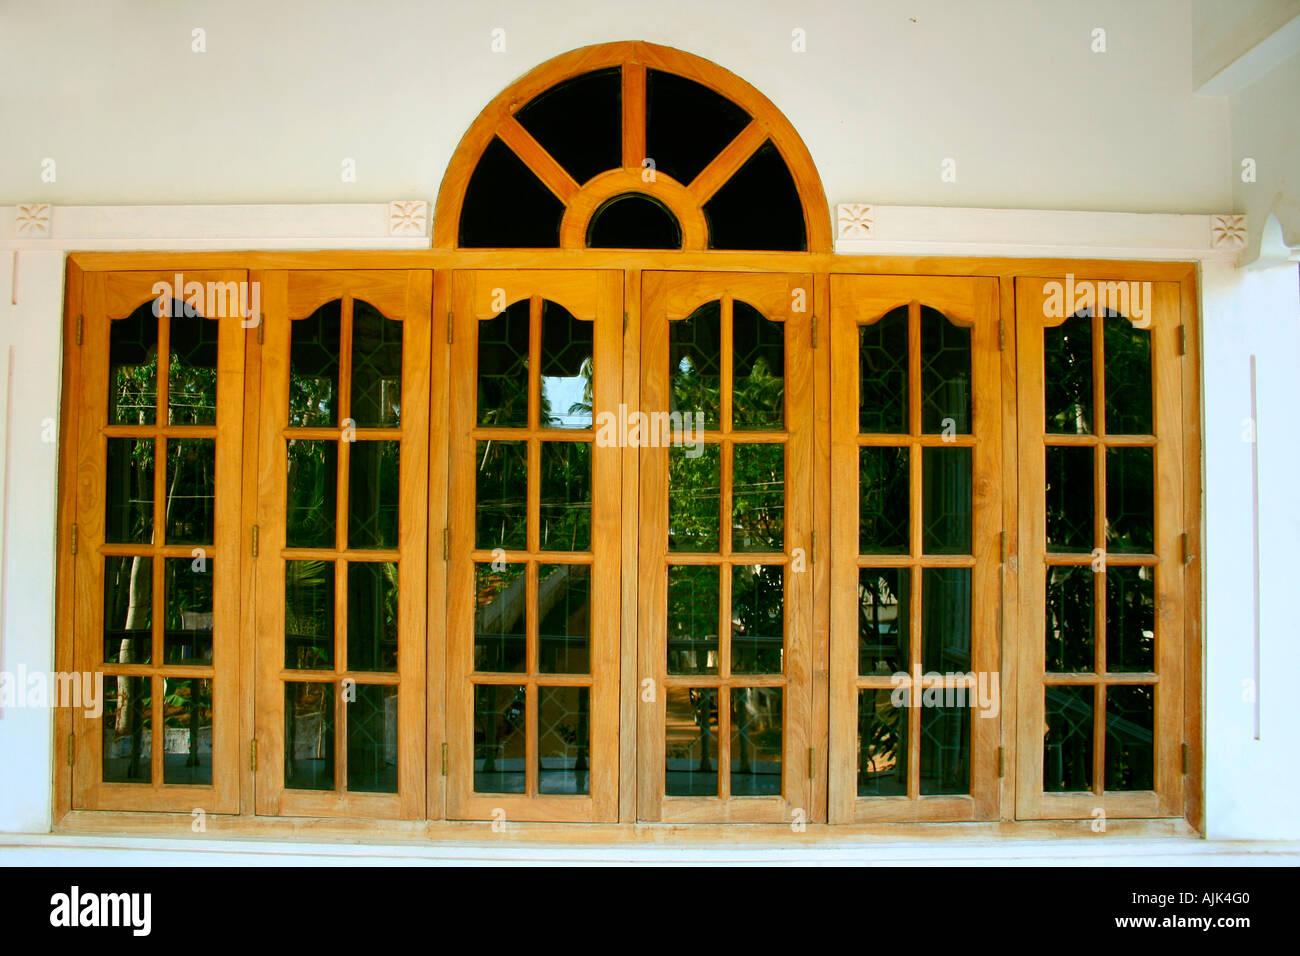 Las ventanas de vidrio de una casa moderna con un marco de madera ...